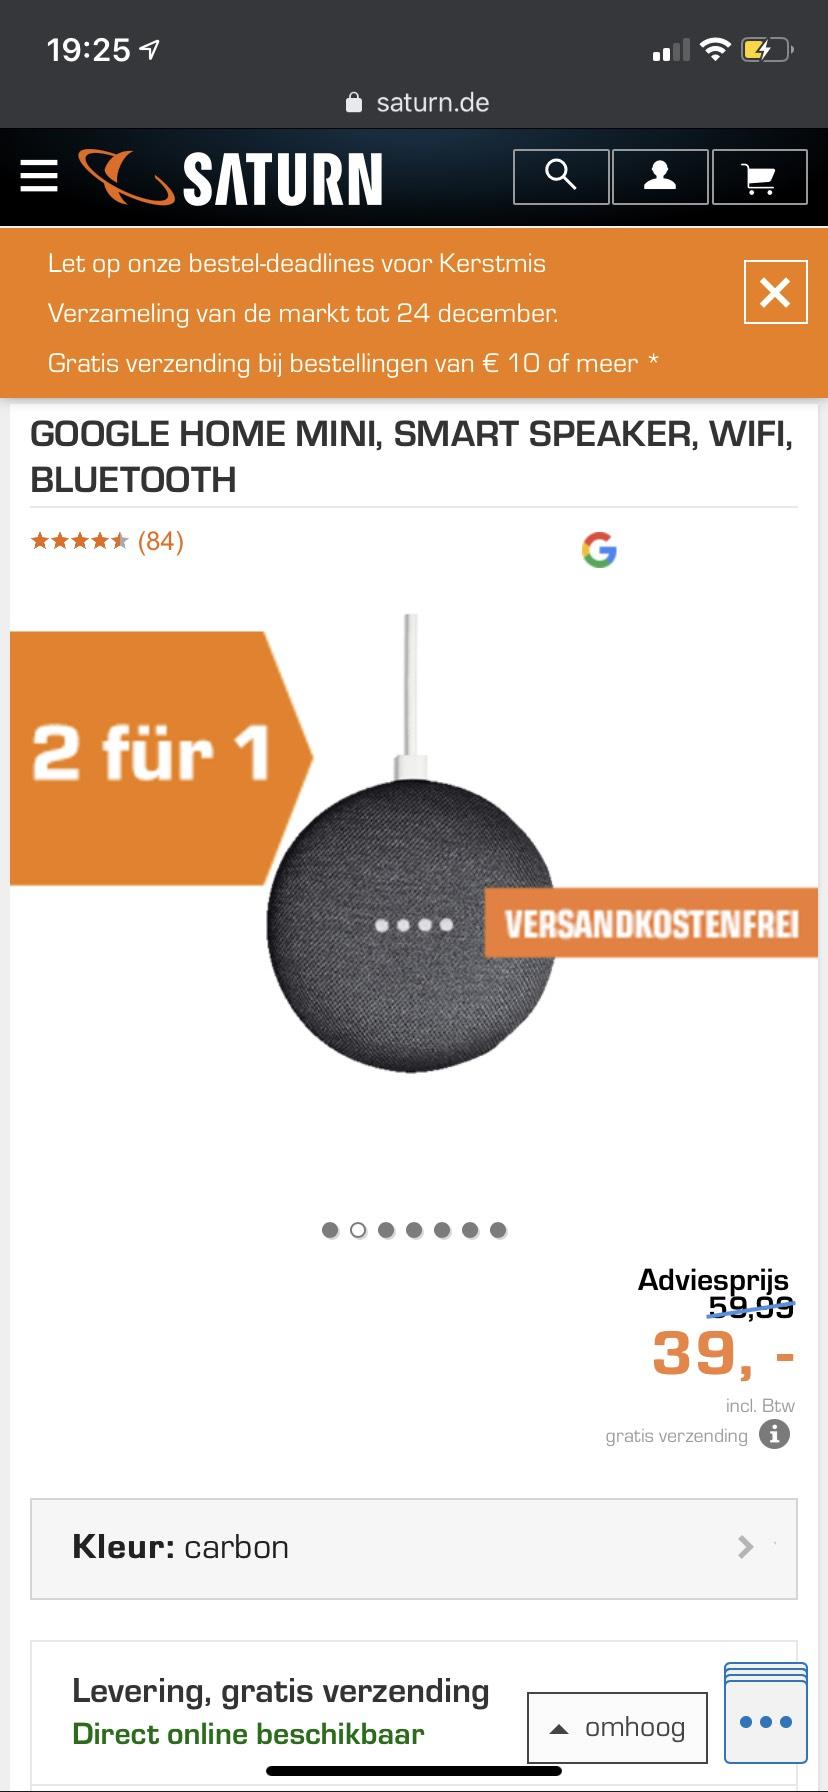 Google home 2 voor 1 bij de Saturn (Duitsland)